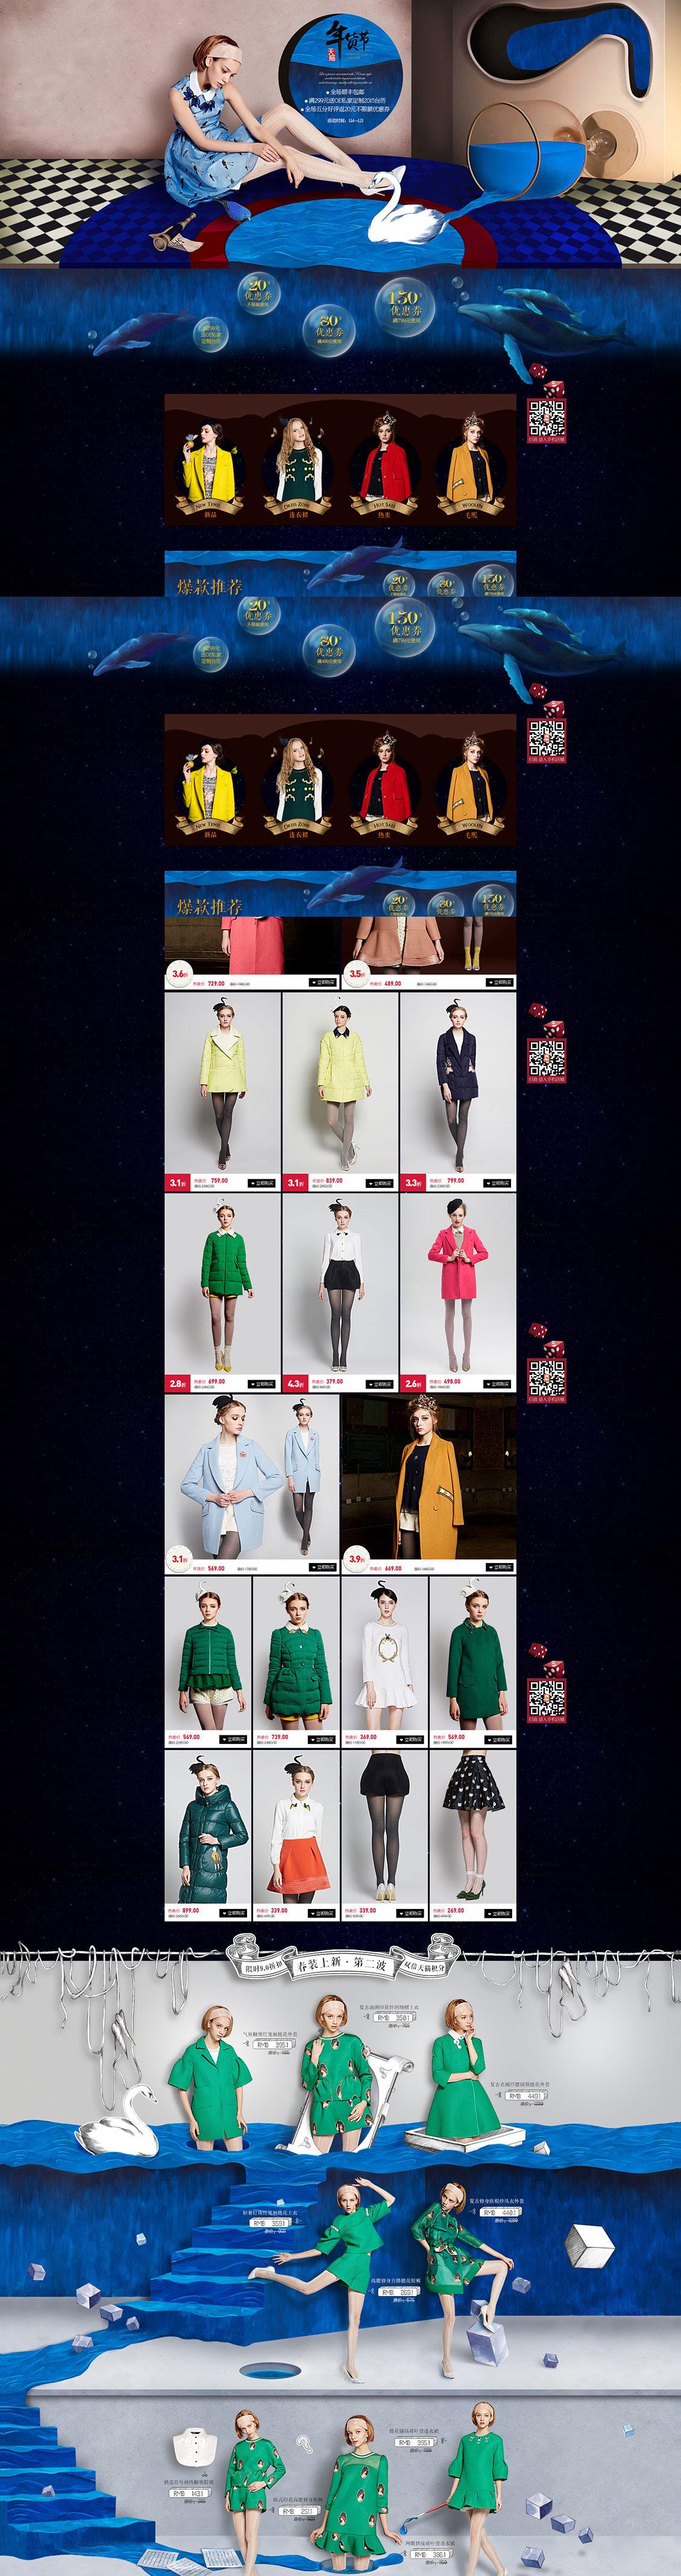 oece女装服饰 年货节 腊八节天猫首页活动专题页面设计